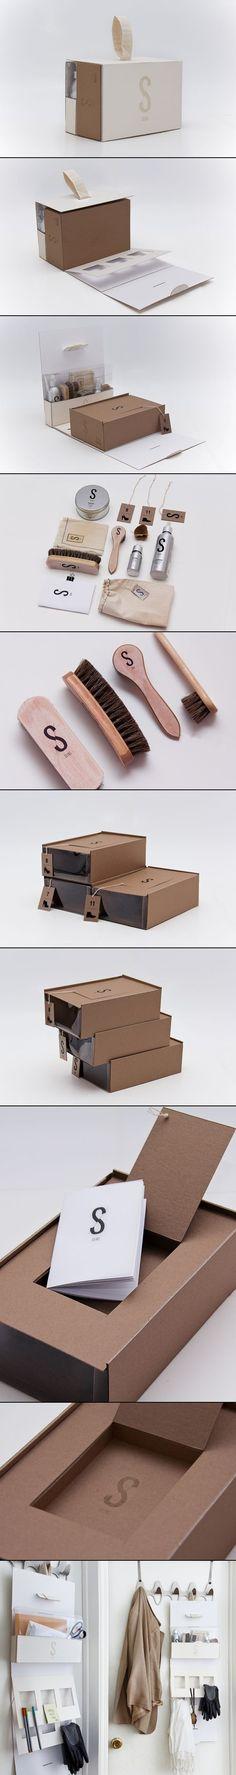 Ce choix a été en premier lieu porté sur les fonctions que la boite propose pour sa réutilisation. Il est fréquent pour les consommateurs de conserver les boites à chaussures afin de les réutiliser comme rangement.  Celle-ci a été spécialement conçue dans ce but.